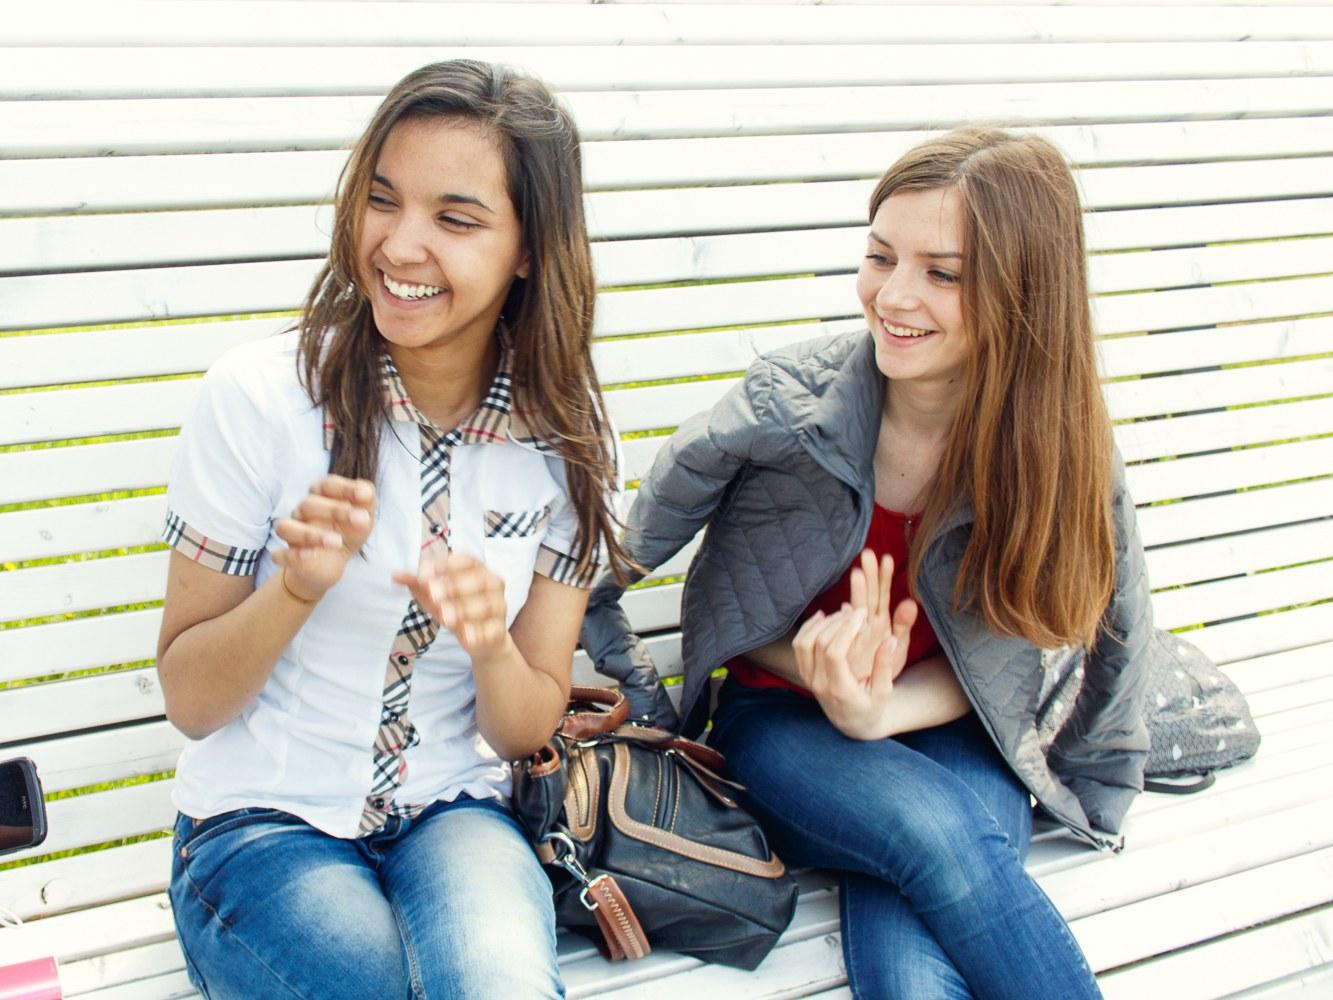 знакомства для детей от 13 до 15 лет эстонии